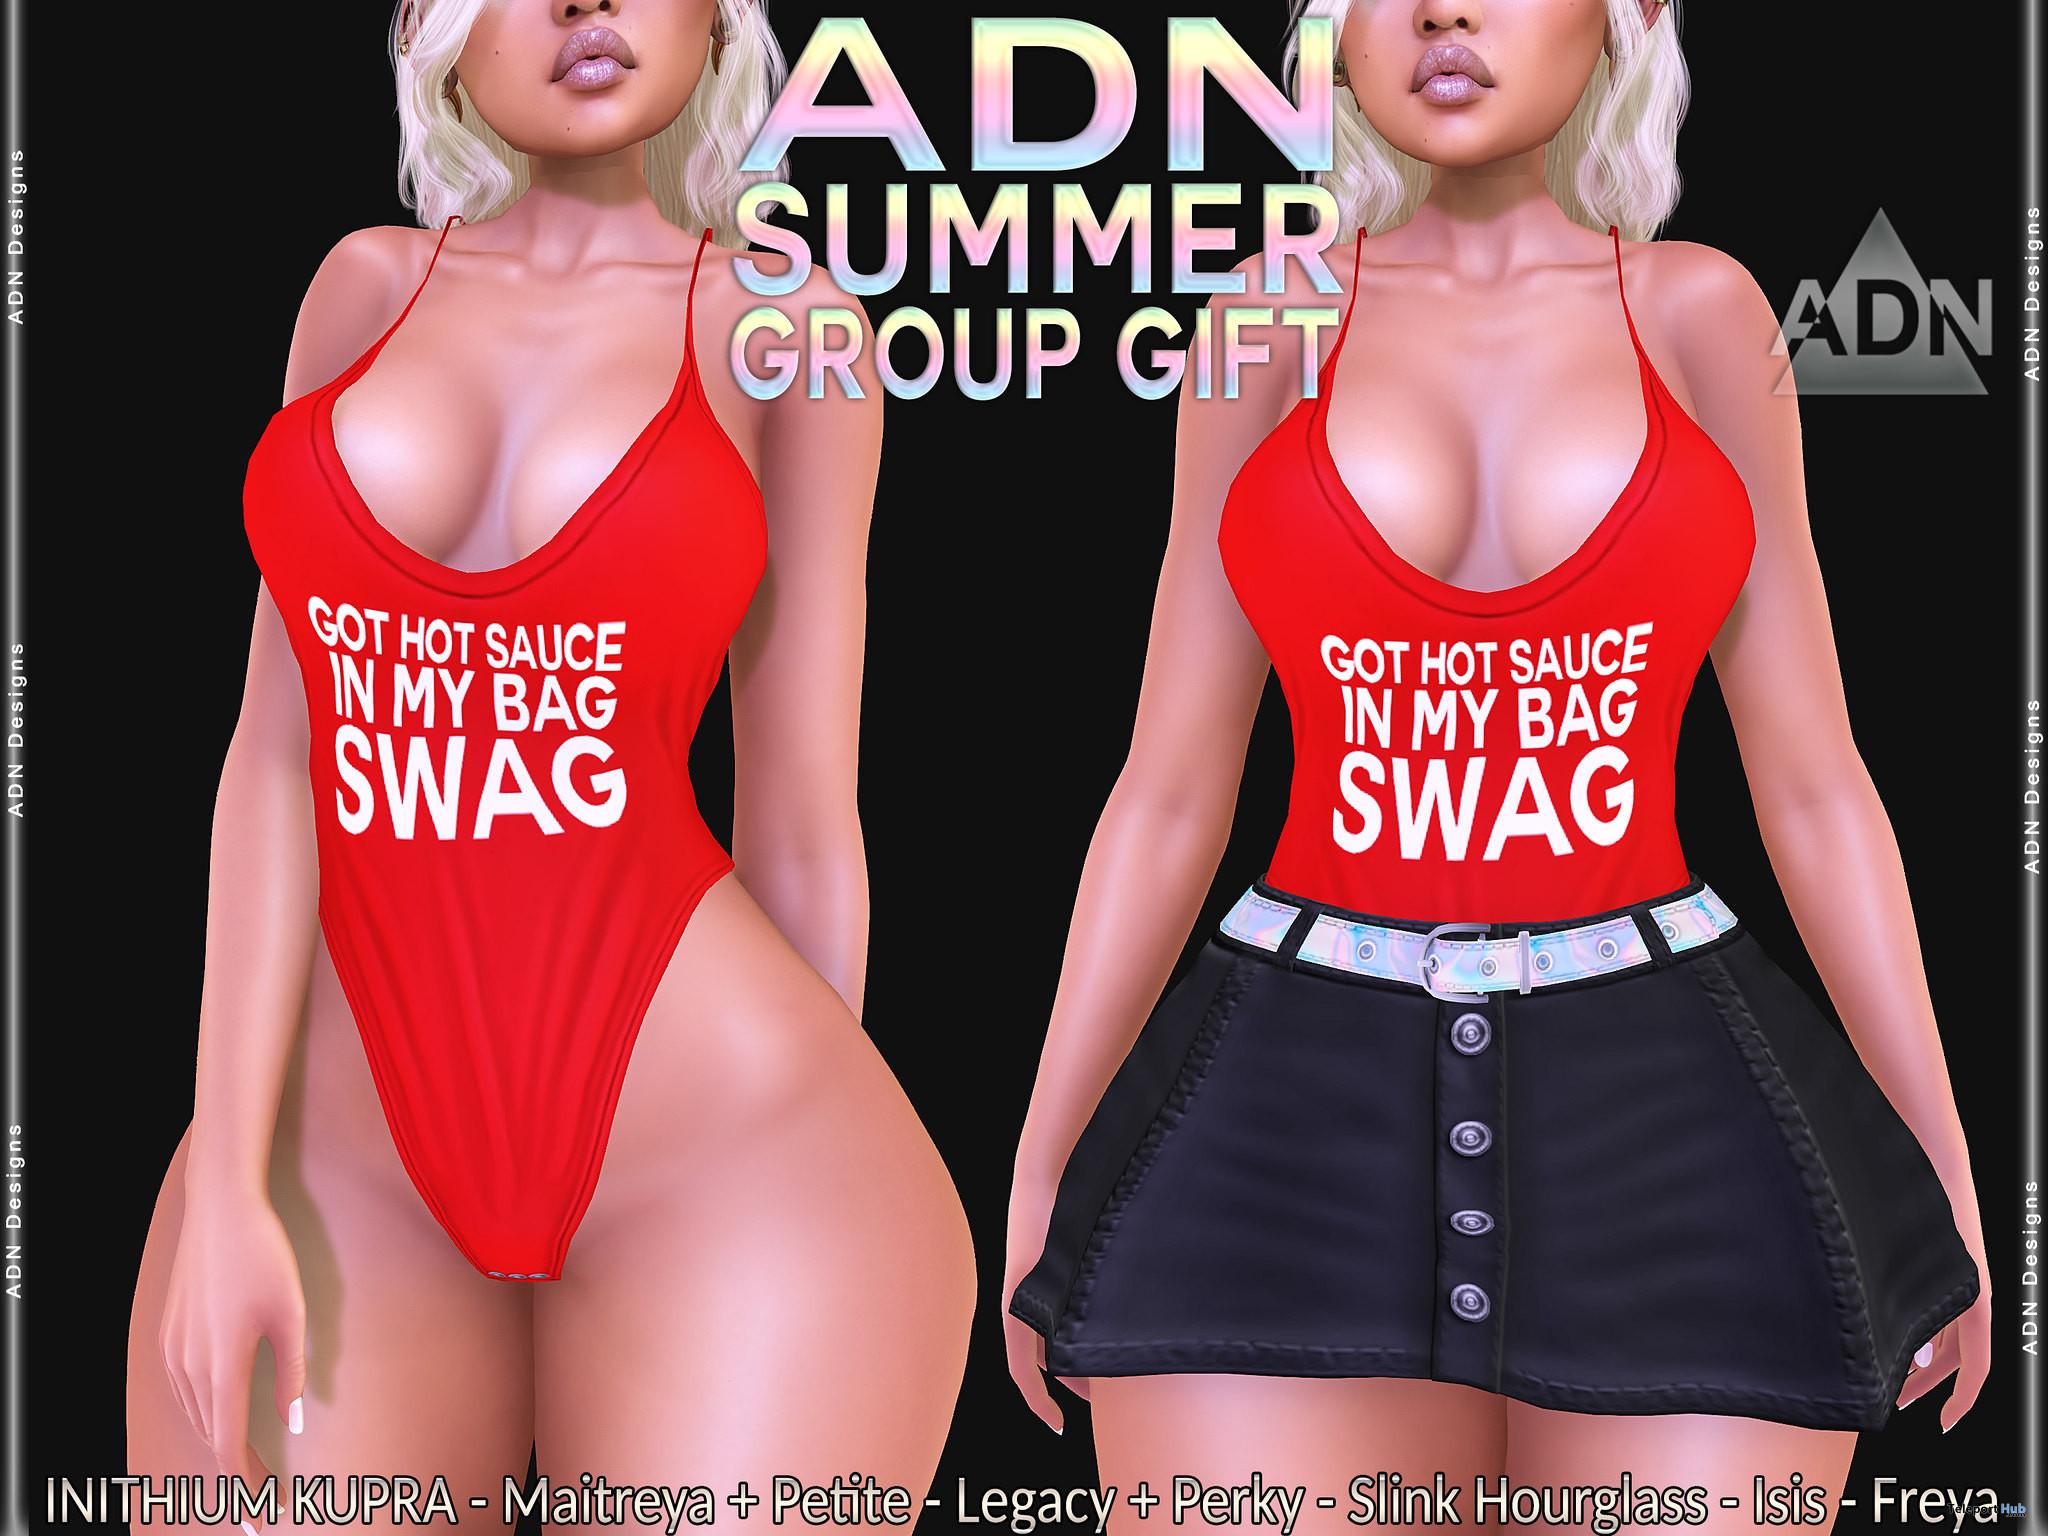 Summer Swimsuit & Skirt June 2021 Group Gift by ADN Designs - Teleport Hub - teleporthub.com